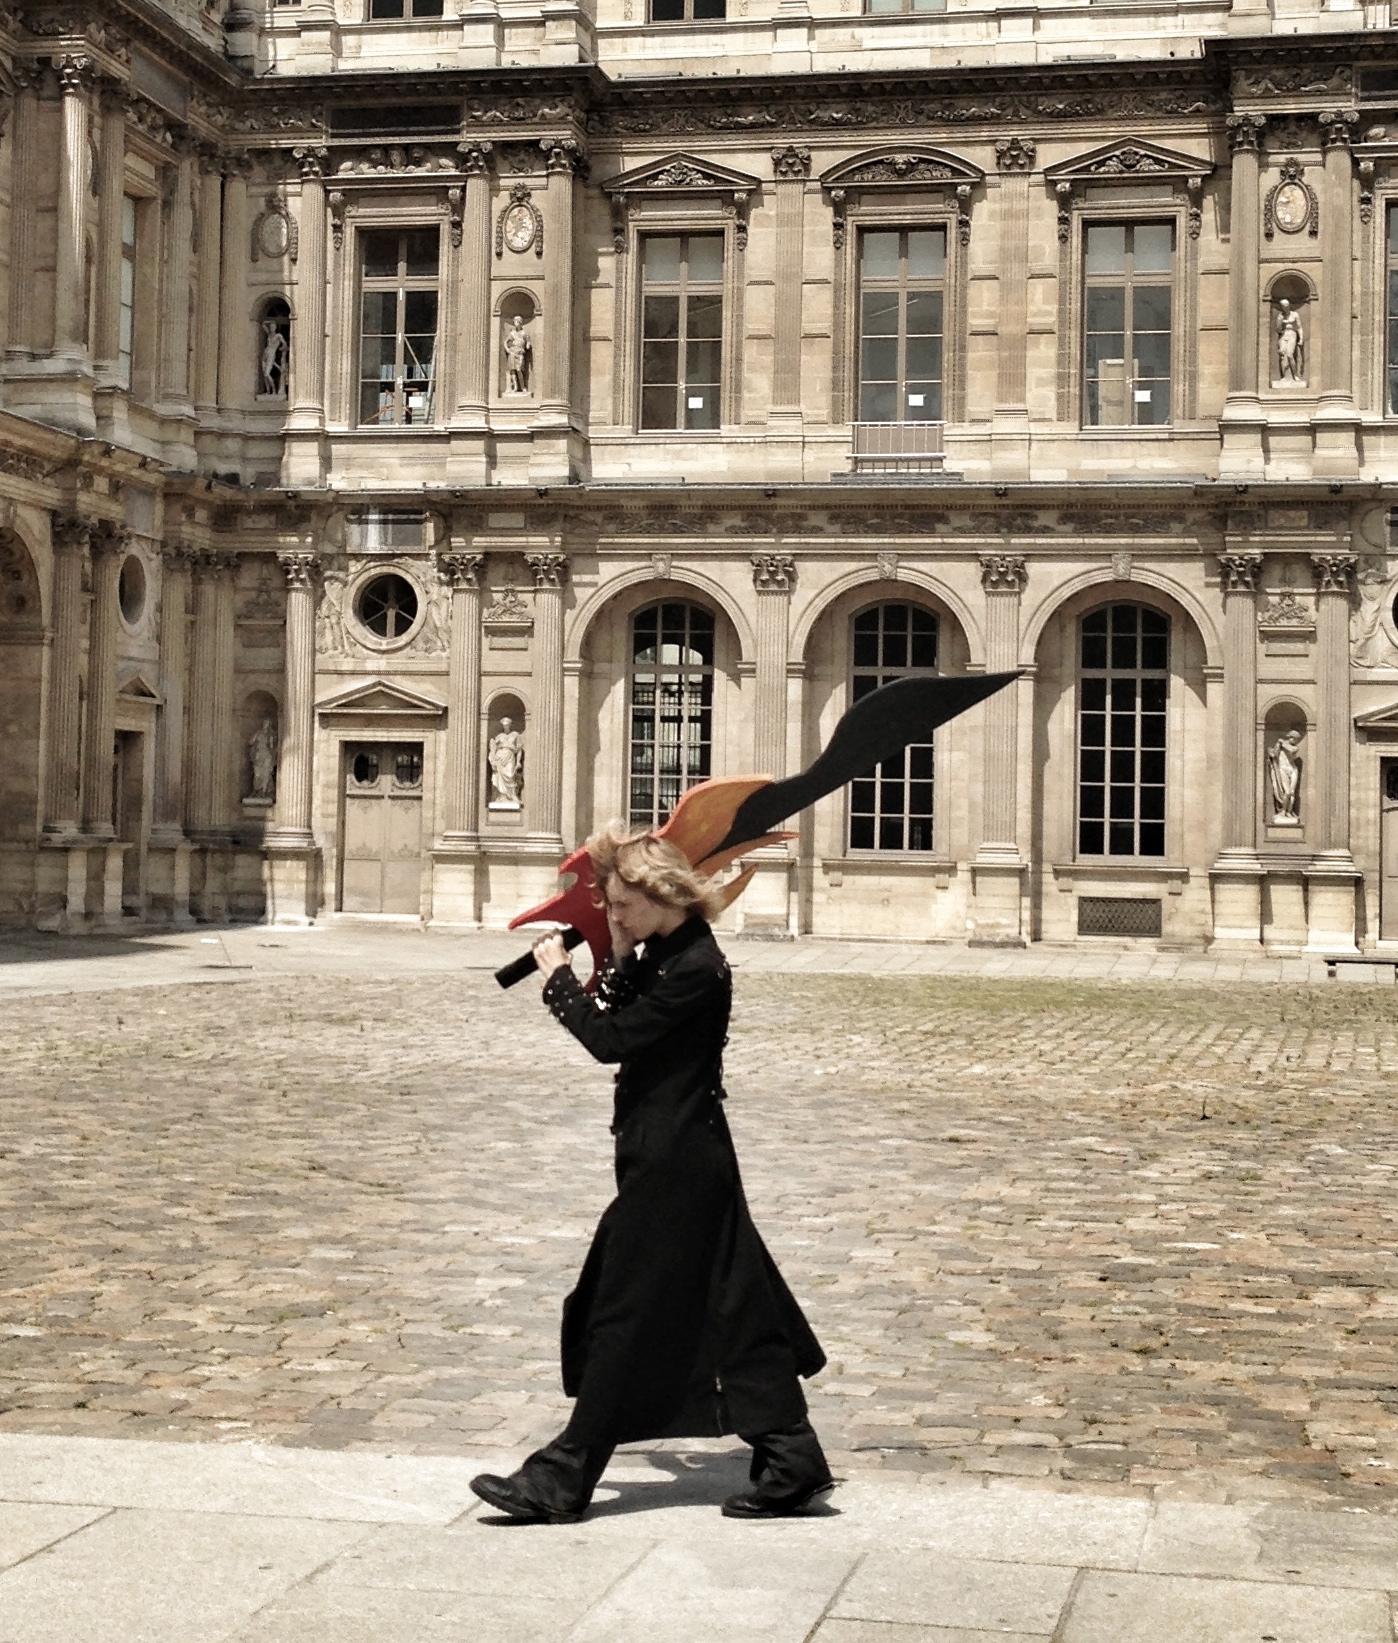 Place du Palais-Royal, Paris, 2013